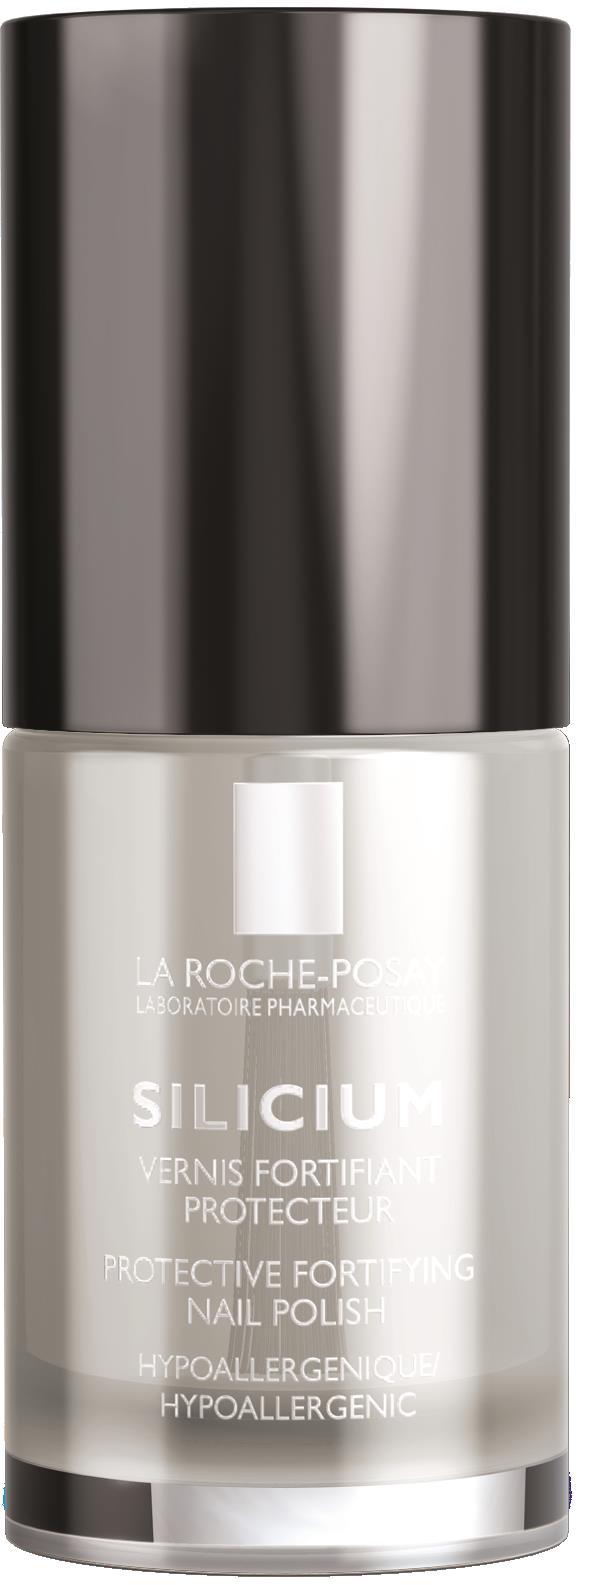 La Roche-Posay Silicium